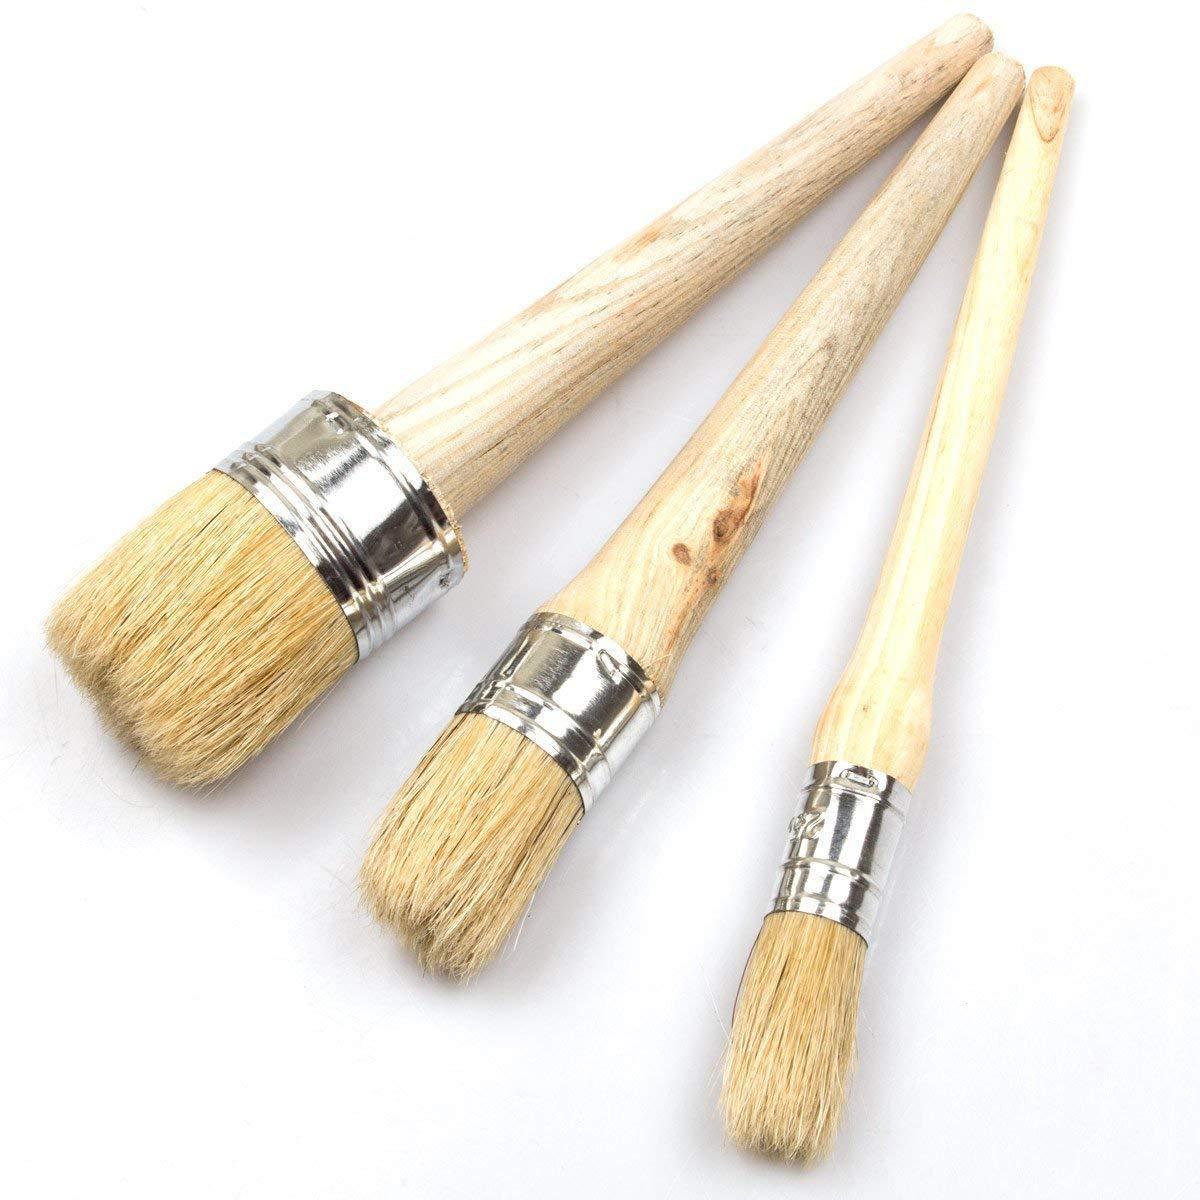 3-teiliges Pinsel-Set fü r Farben und Wachs von LANIAKEA, natü rliche Borsten, runde Pinsel fü r Mö bel, Heimdekoration, Wachsen, Lasieren von Tö pferwaren (20, 30 und 50 mm)